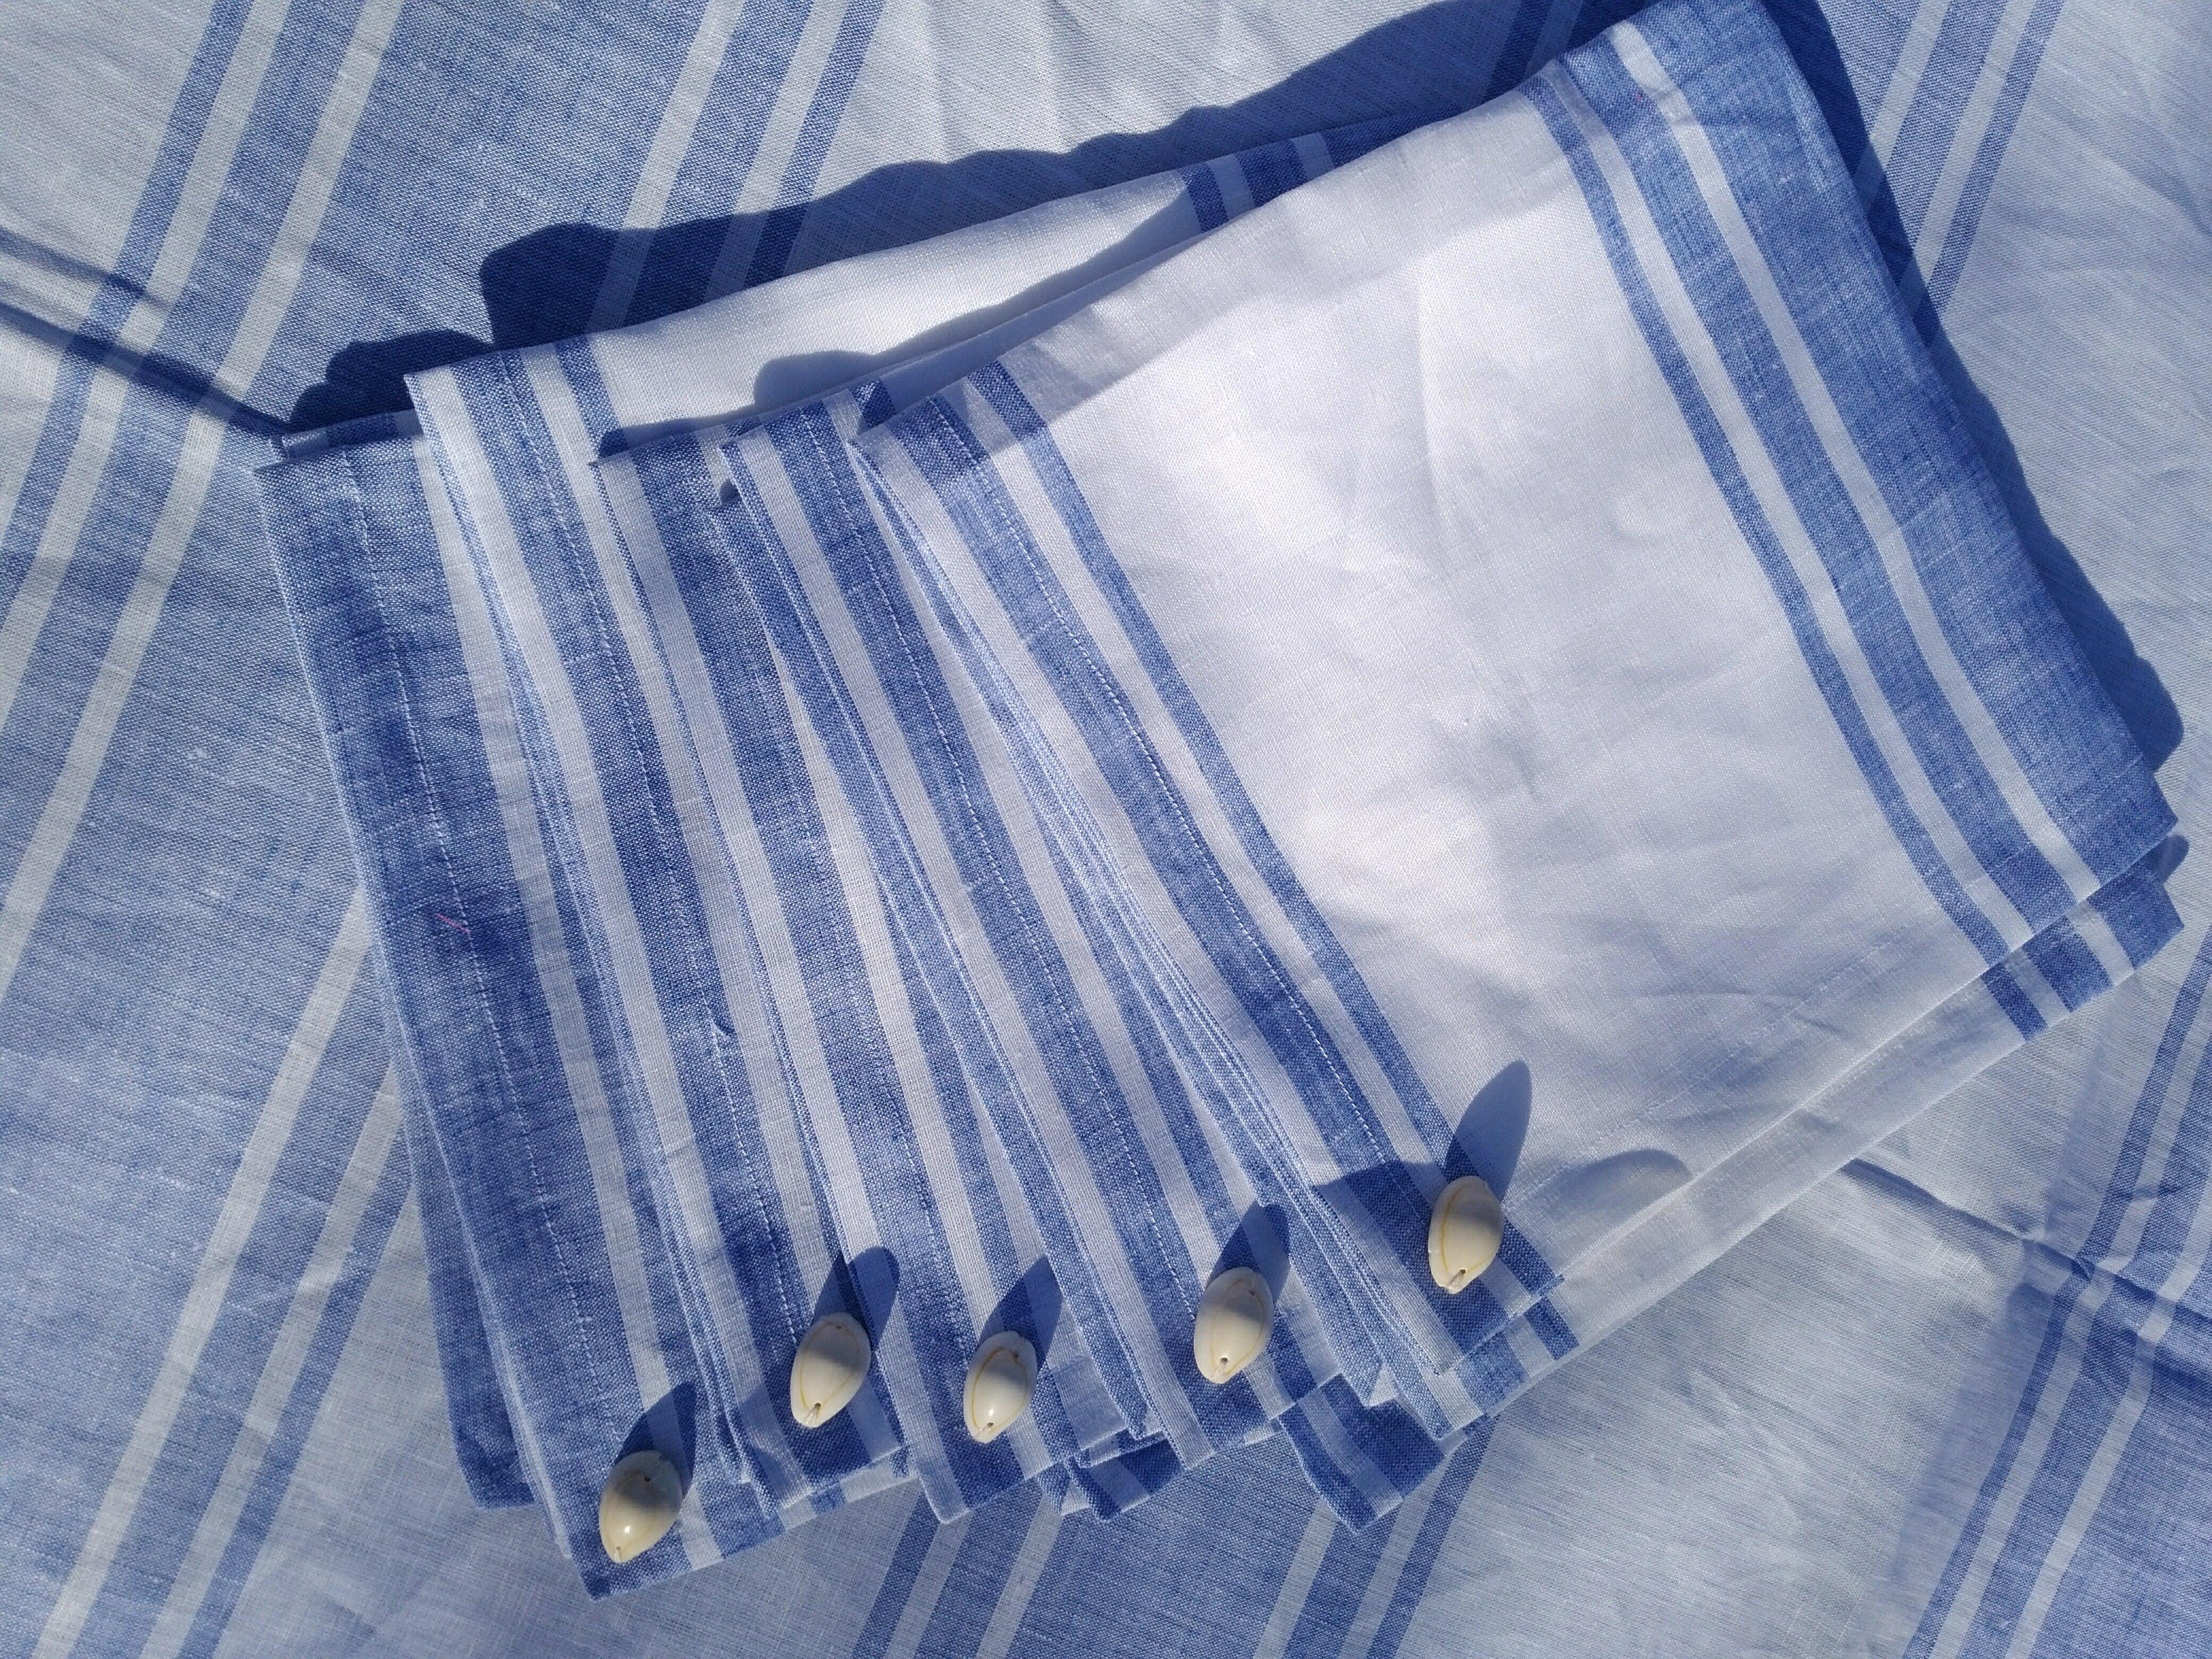 Linen100% Table Napkin CEUTA 6 peiceリネン100% テーブルナプキン セウタ 6枚1セット